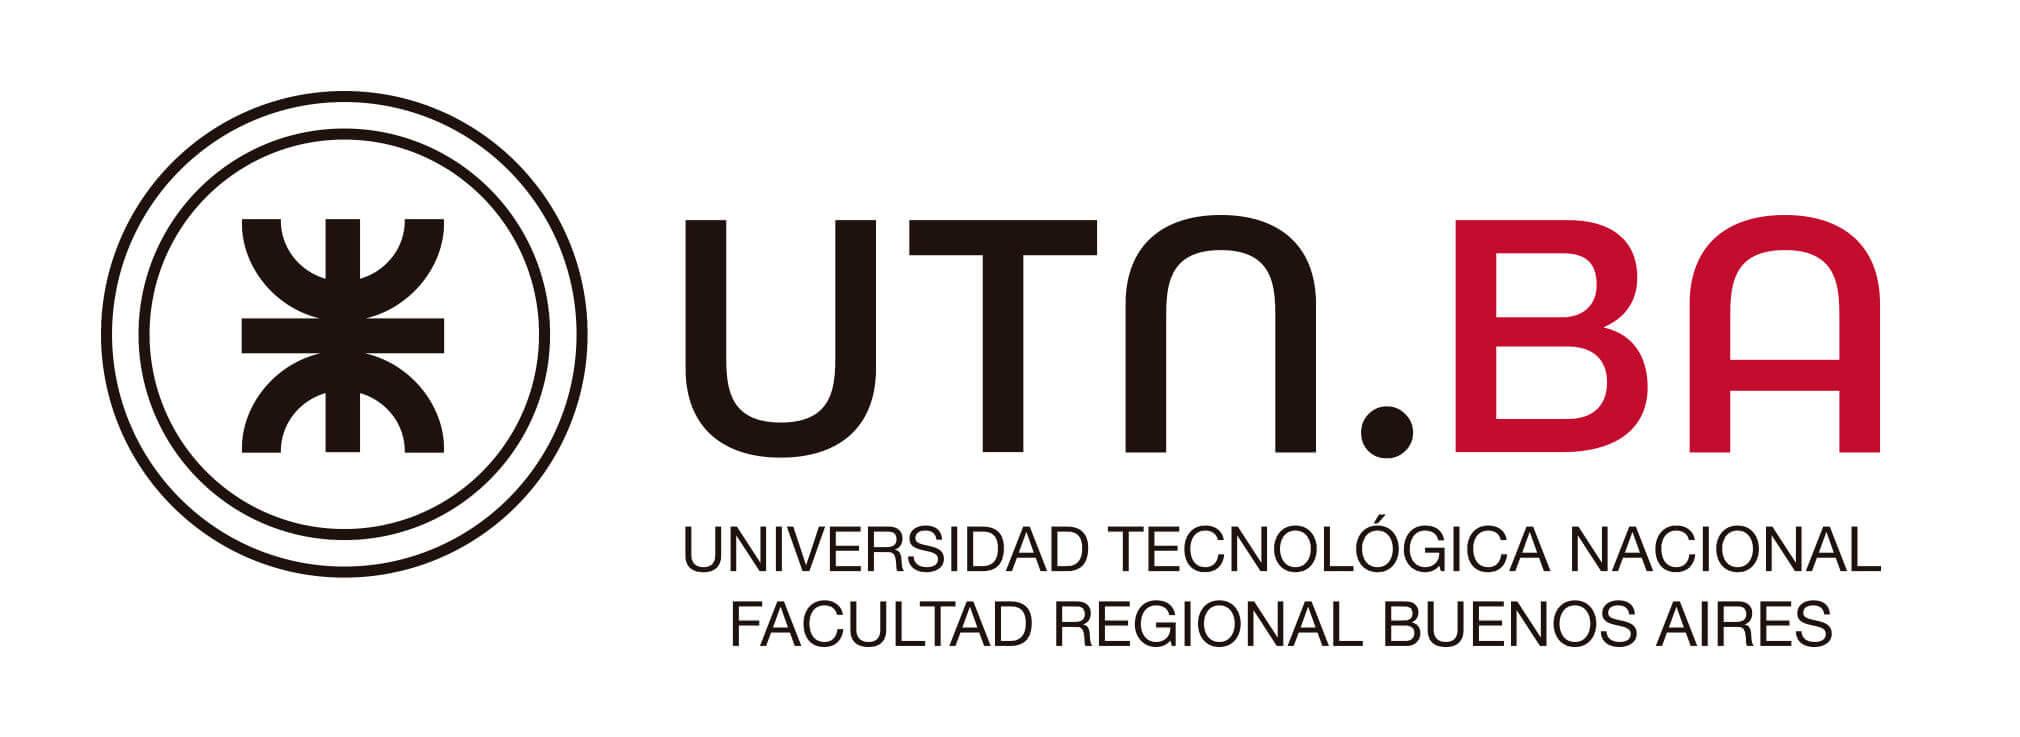 Aliado ALADYR: Universidad Tecnológica Nacional - Facultad Regional Buenos Aires: